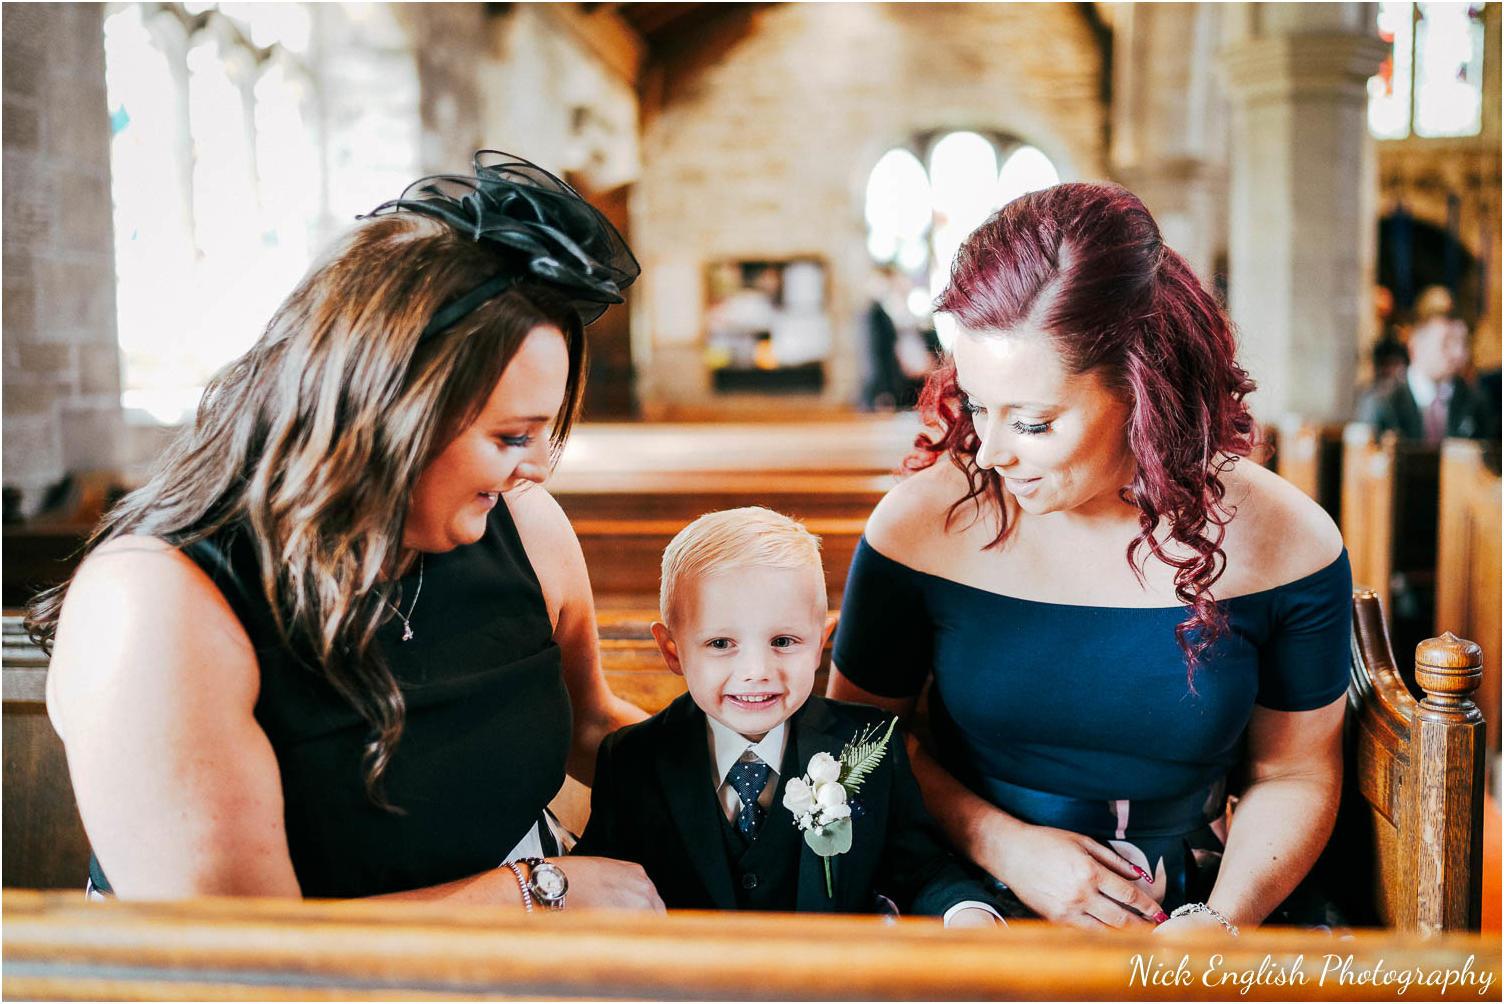 Browsholme_Hall_Barn_Wedding_Nick_English_Photography-31.jpg